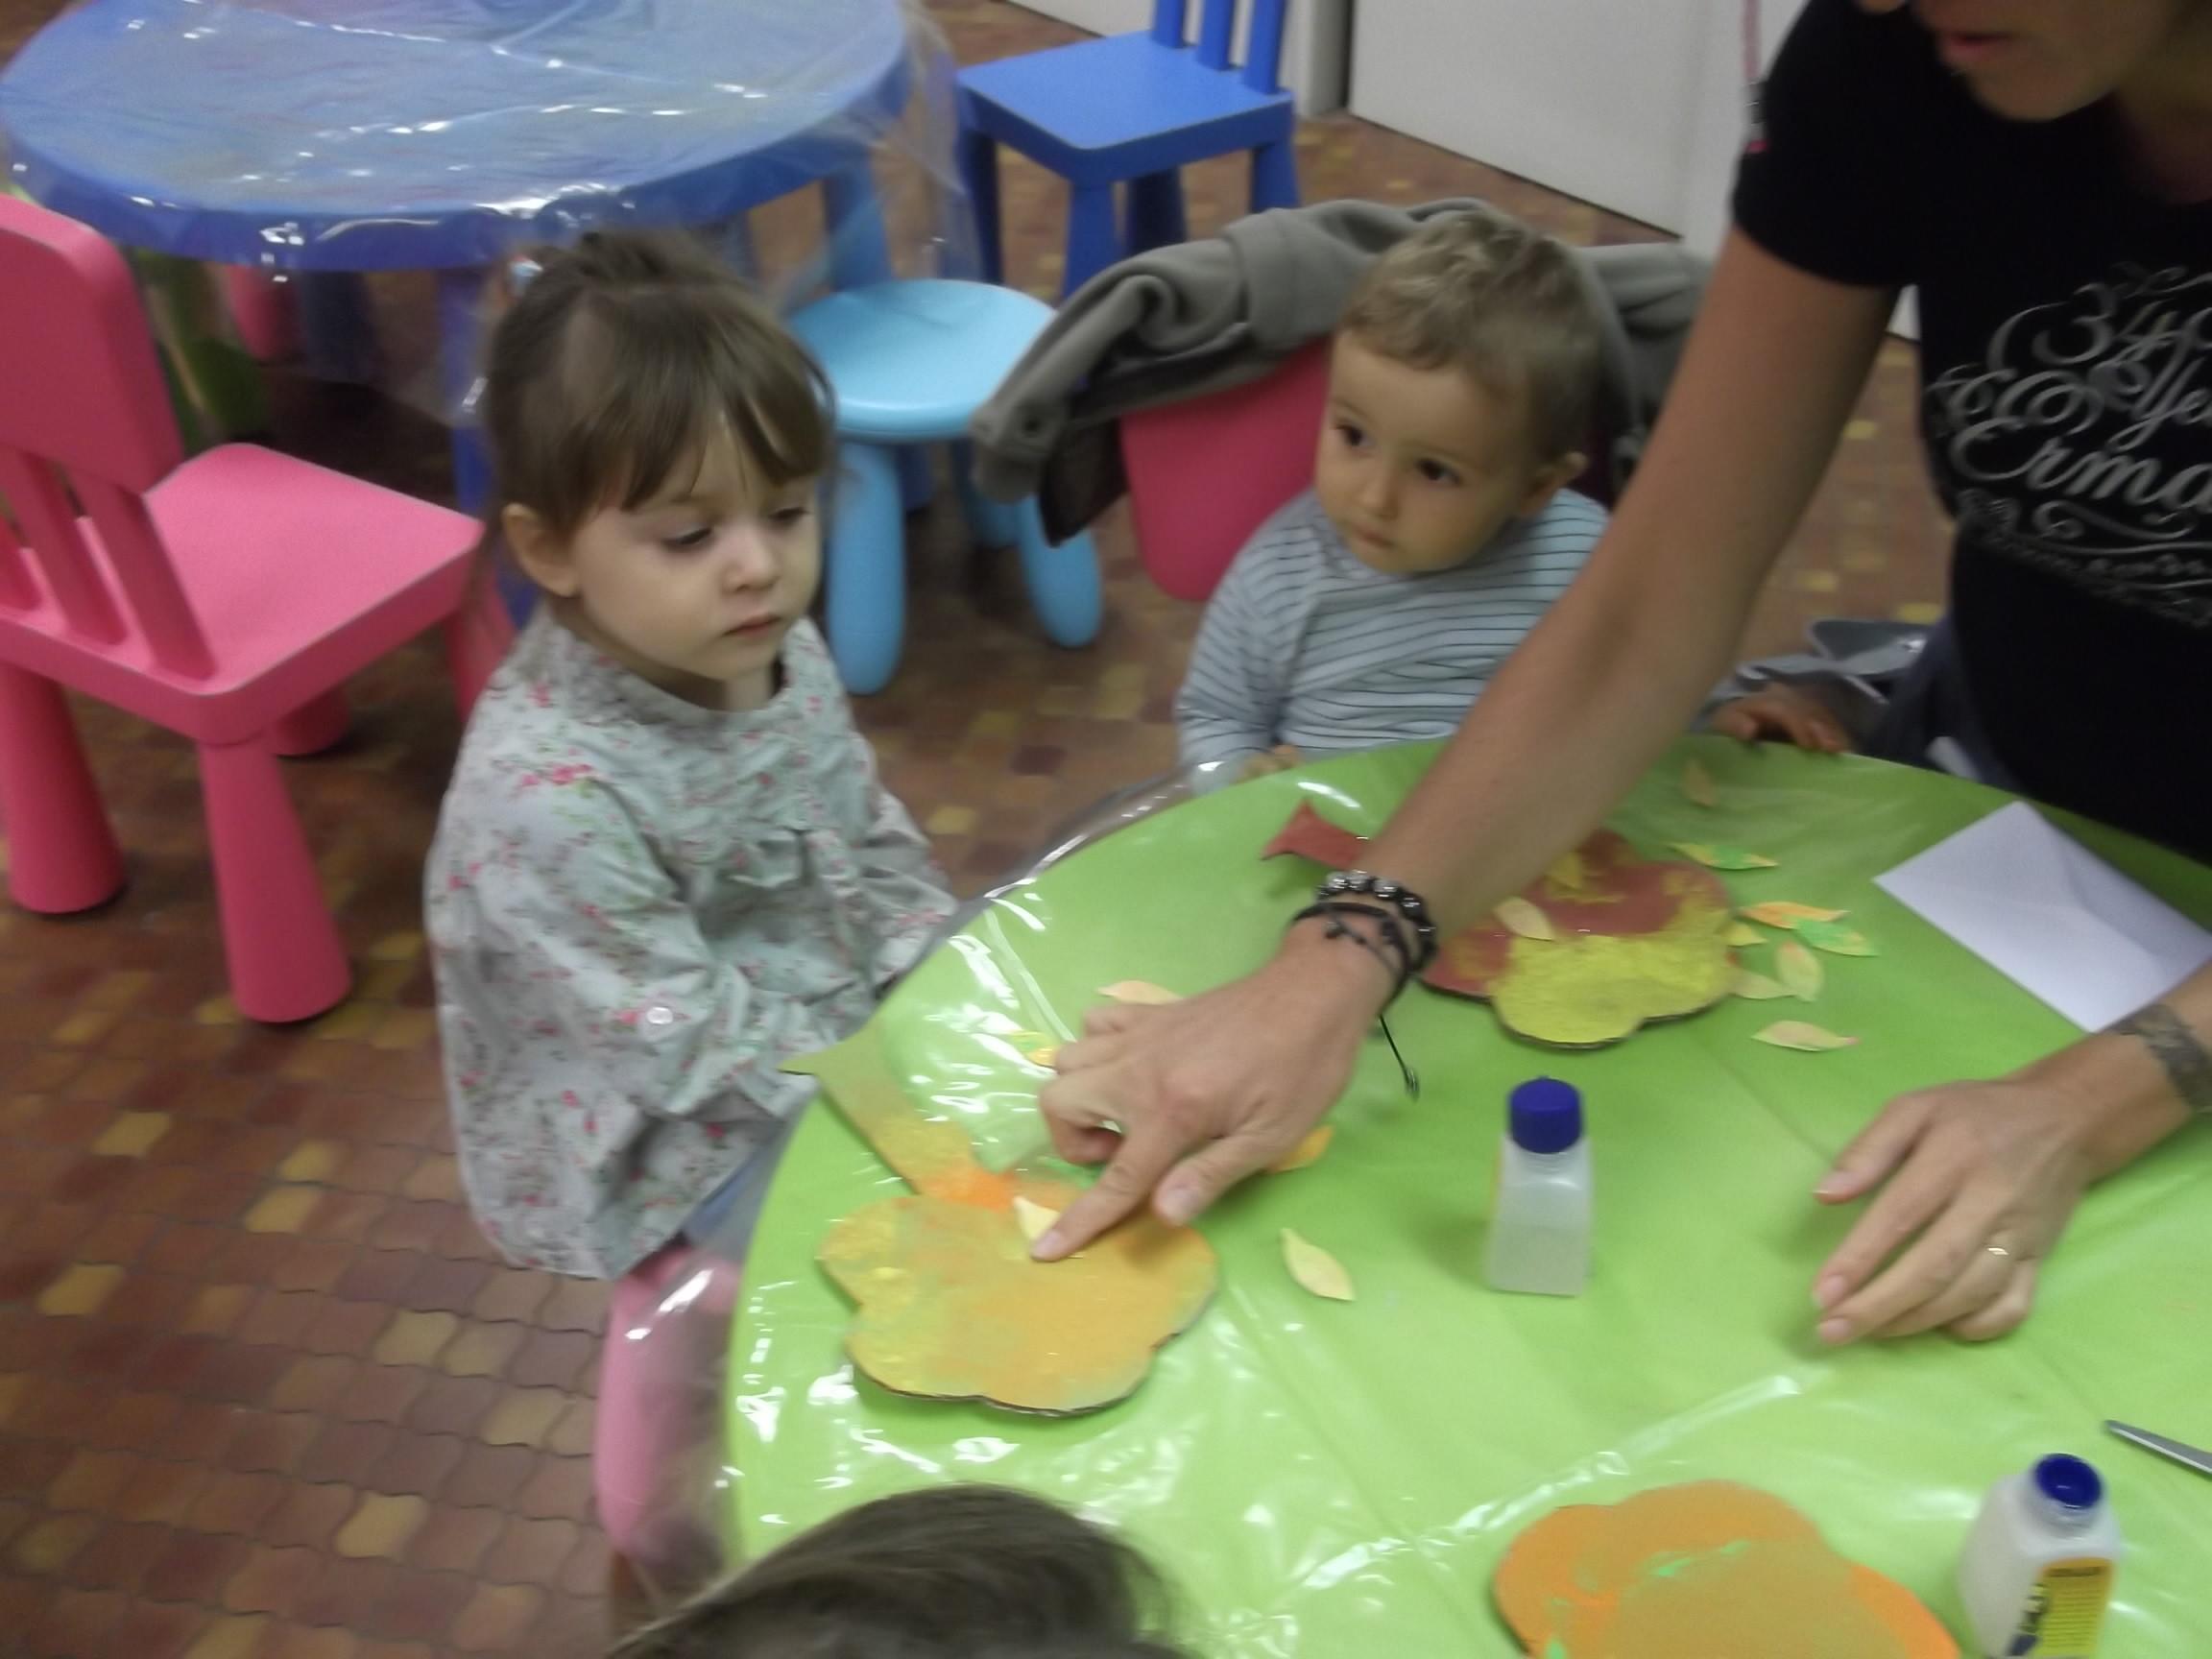 Les petits bambins activit manuelle collage - Activite manuelle jardinage ...